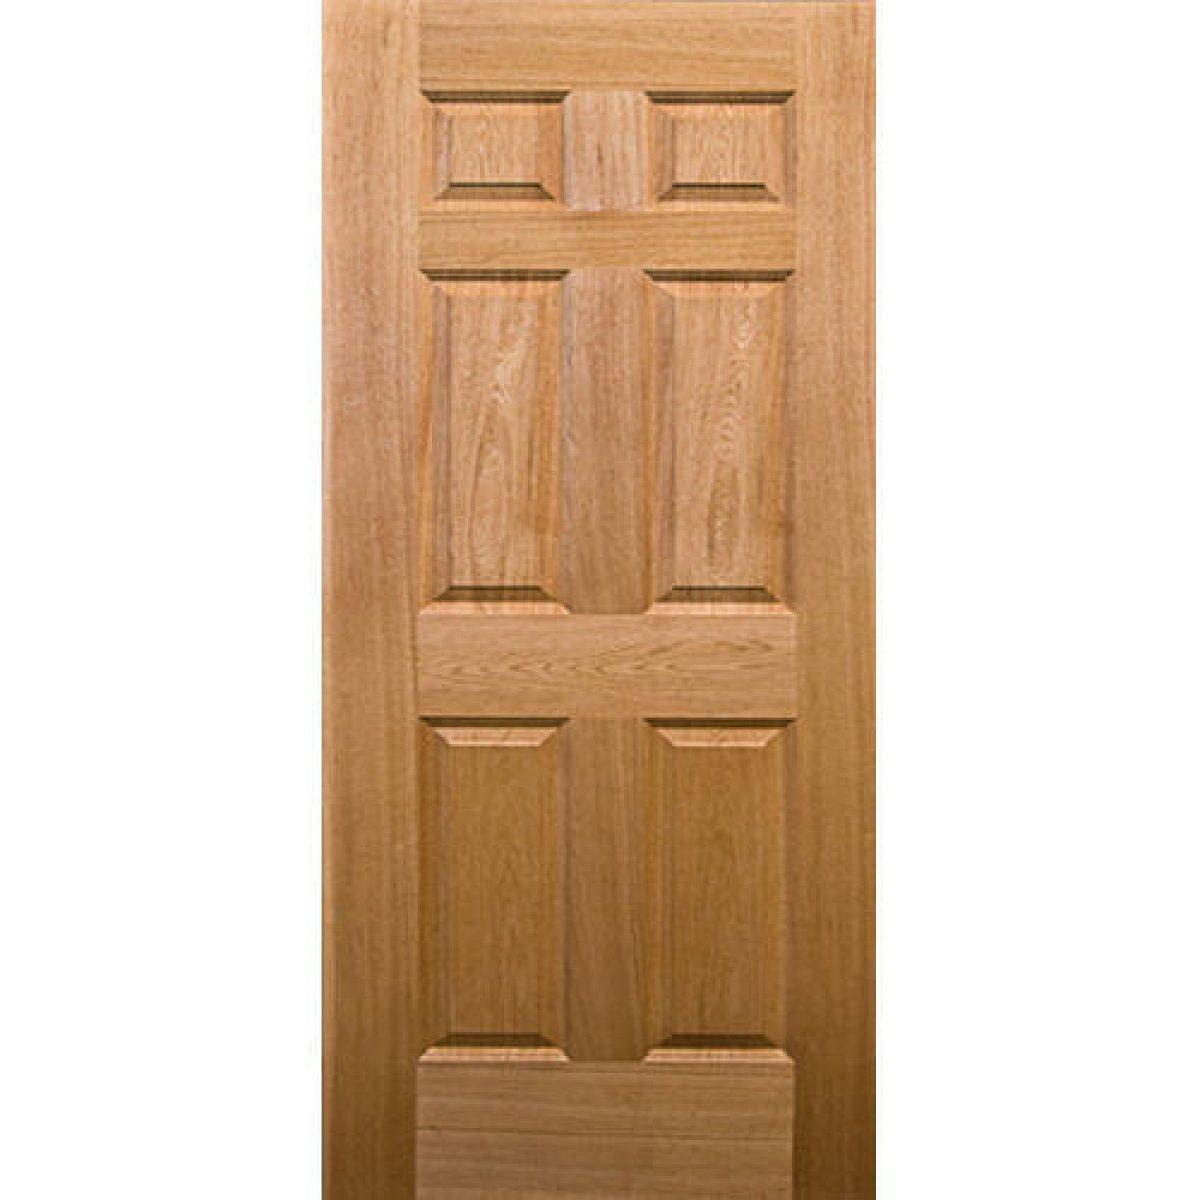 Daun Pintu Panel Produsen Kusen Pintu Jendela Kayu Gambar daun pintu